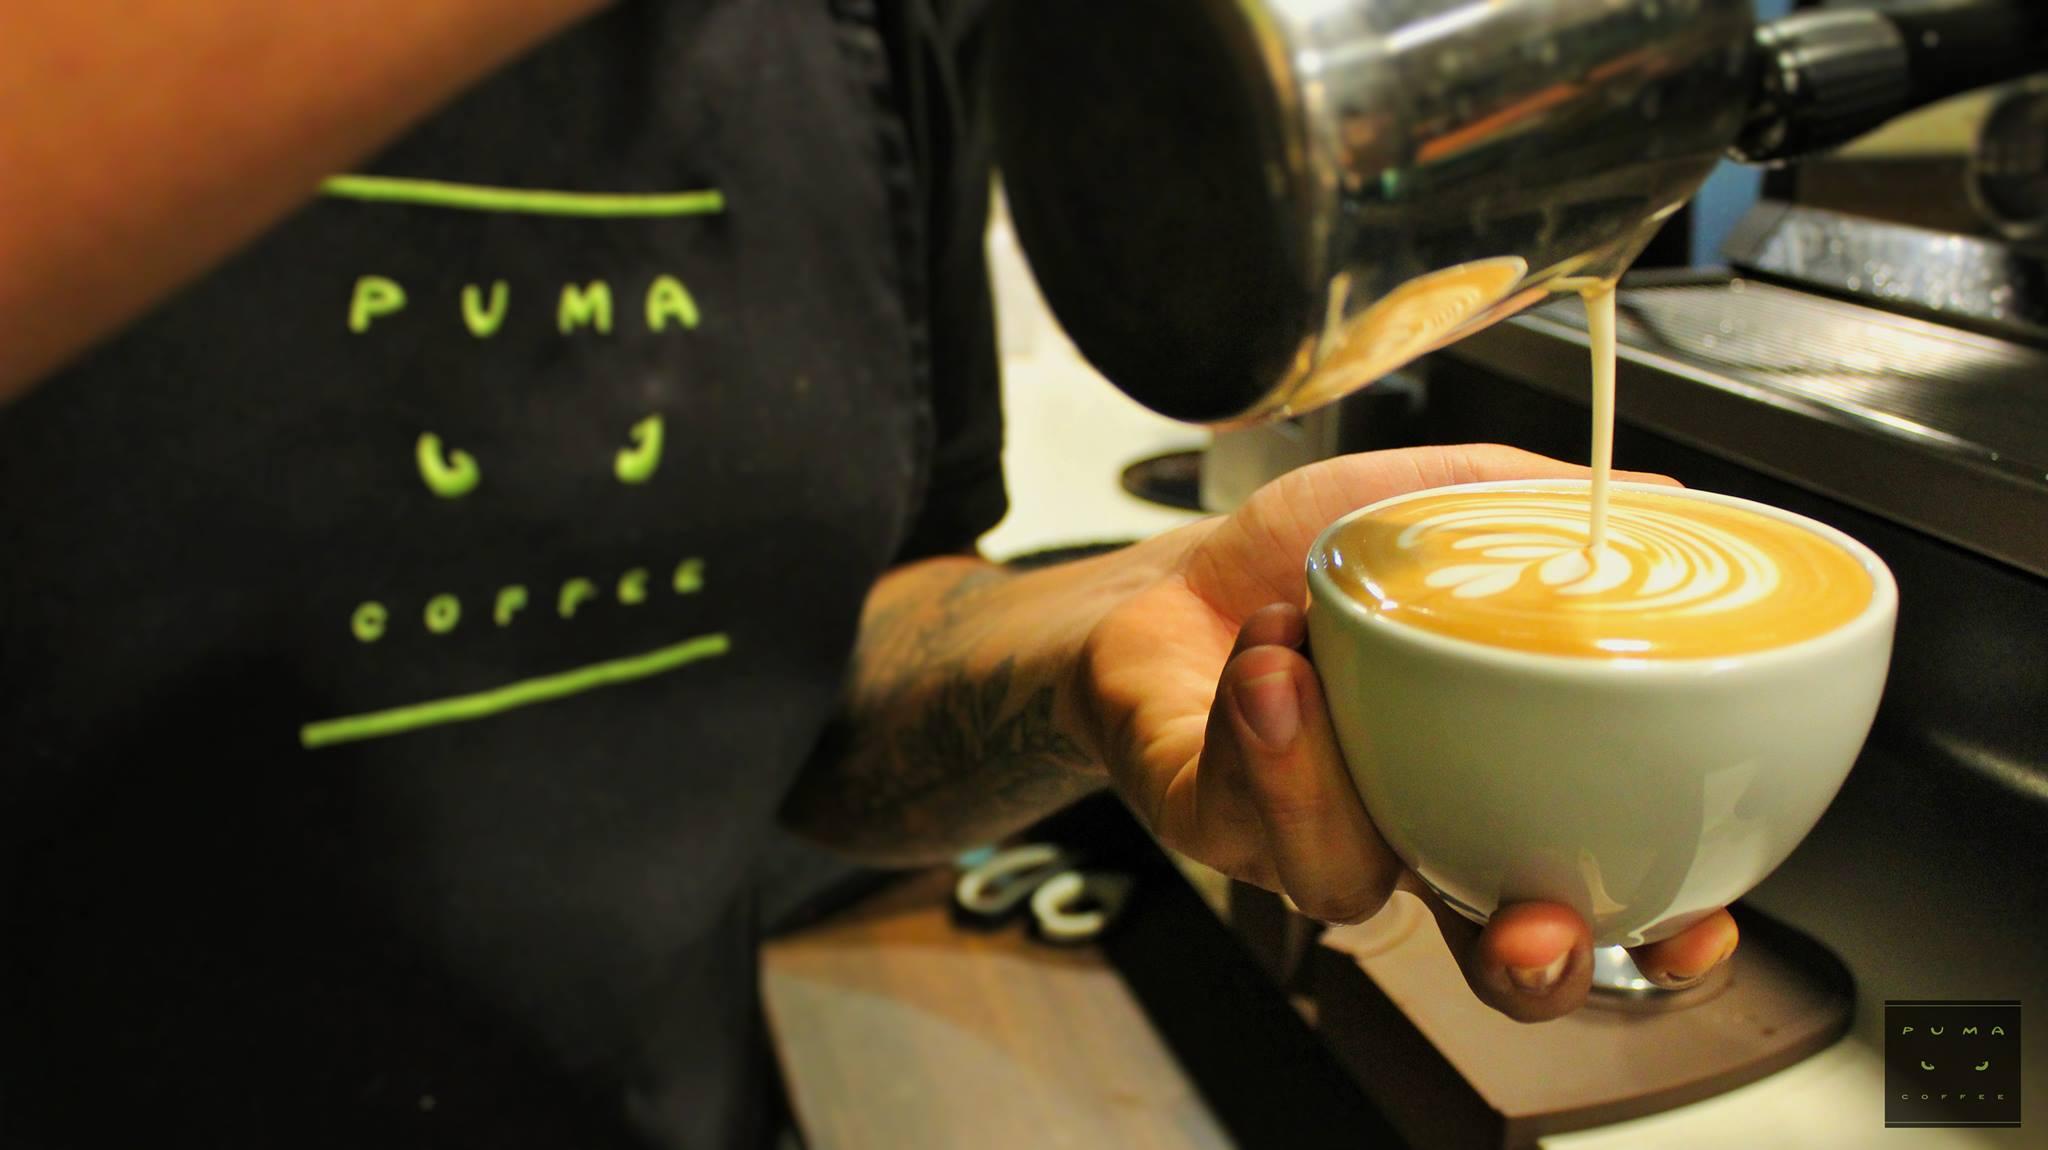 Puma Coffee y Tango Caffé a la conquista del sur